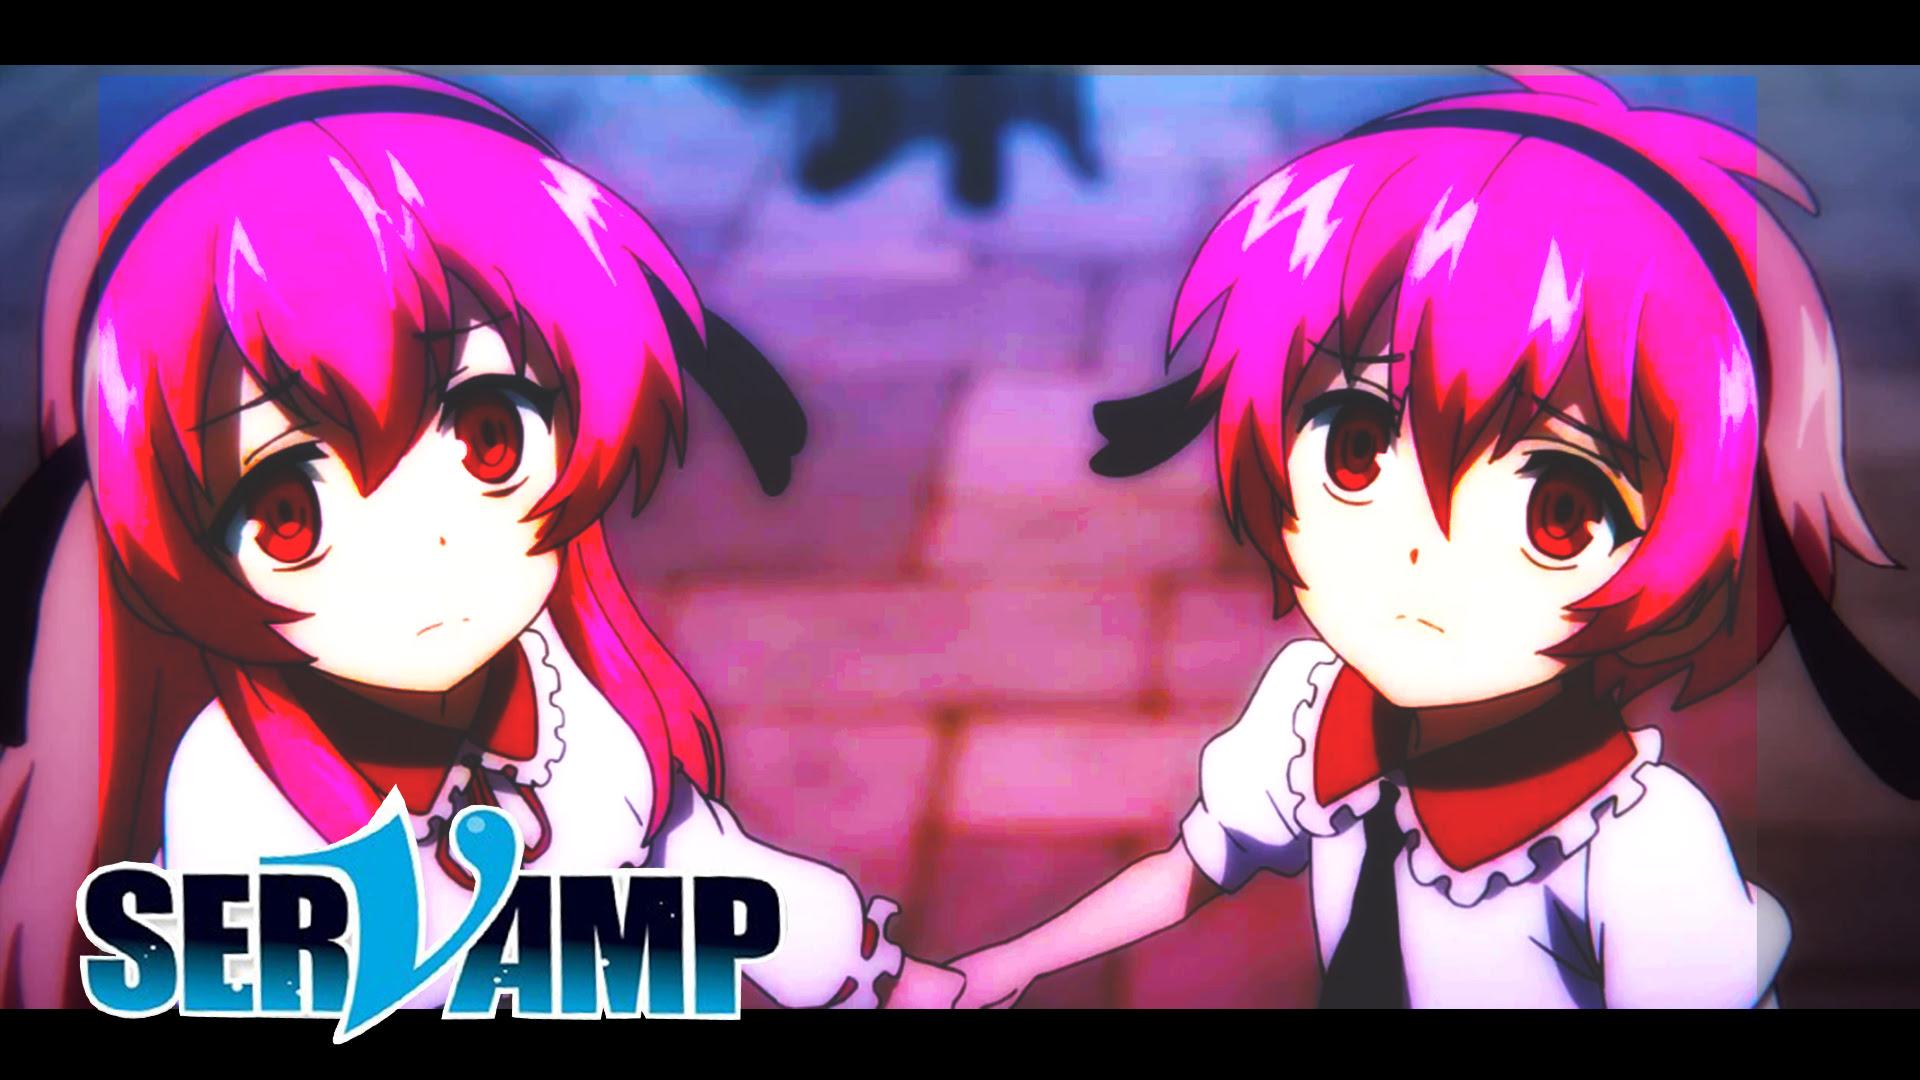 Servamp Anime 2016 Desktop Wallpaper Servamp Photo 39855962